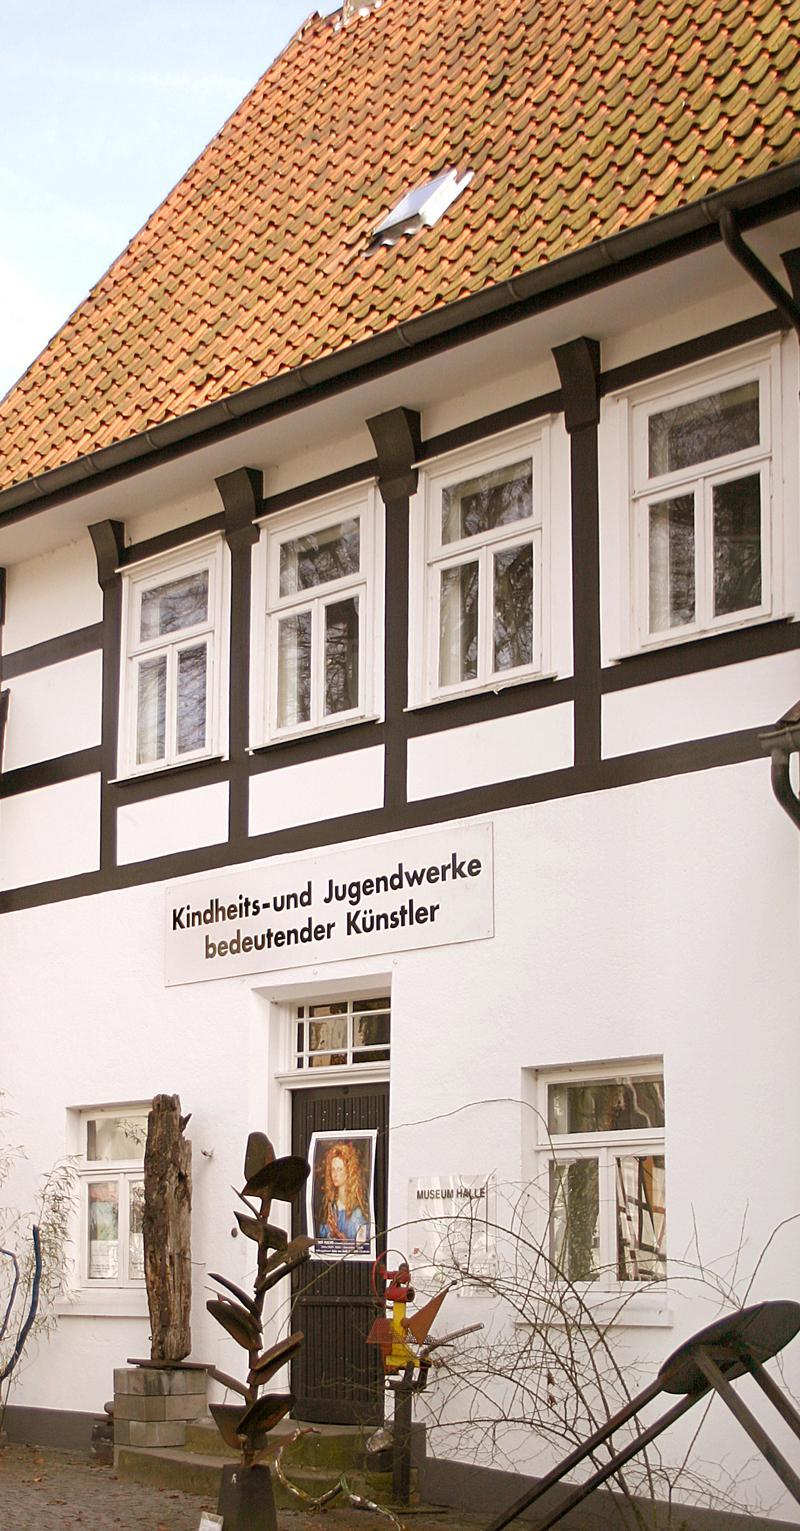 Museum für Kindheits- und Jugendwerke bedeutender Künstlerinnen und Künstler